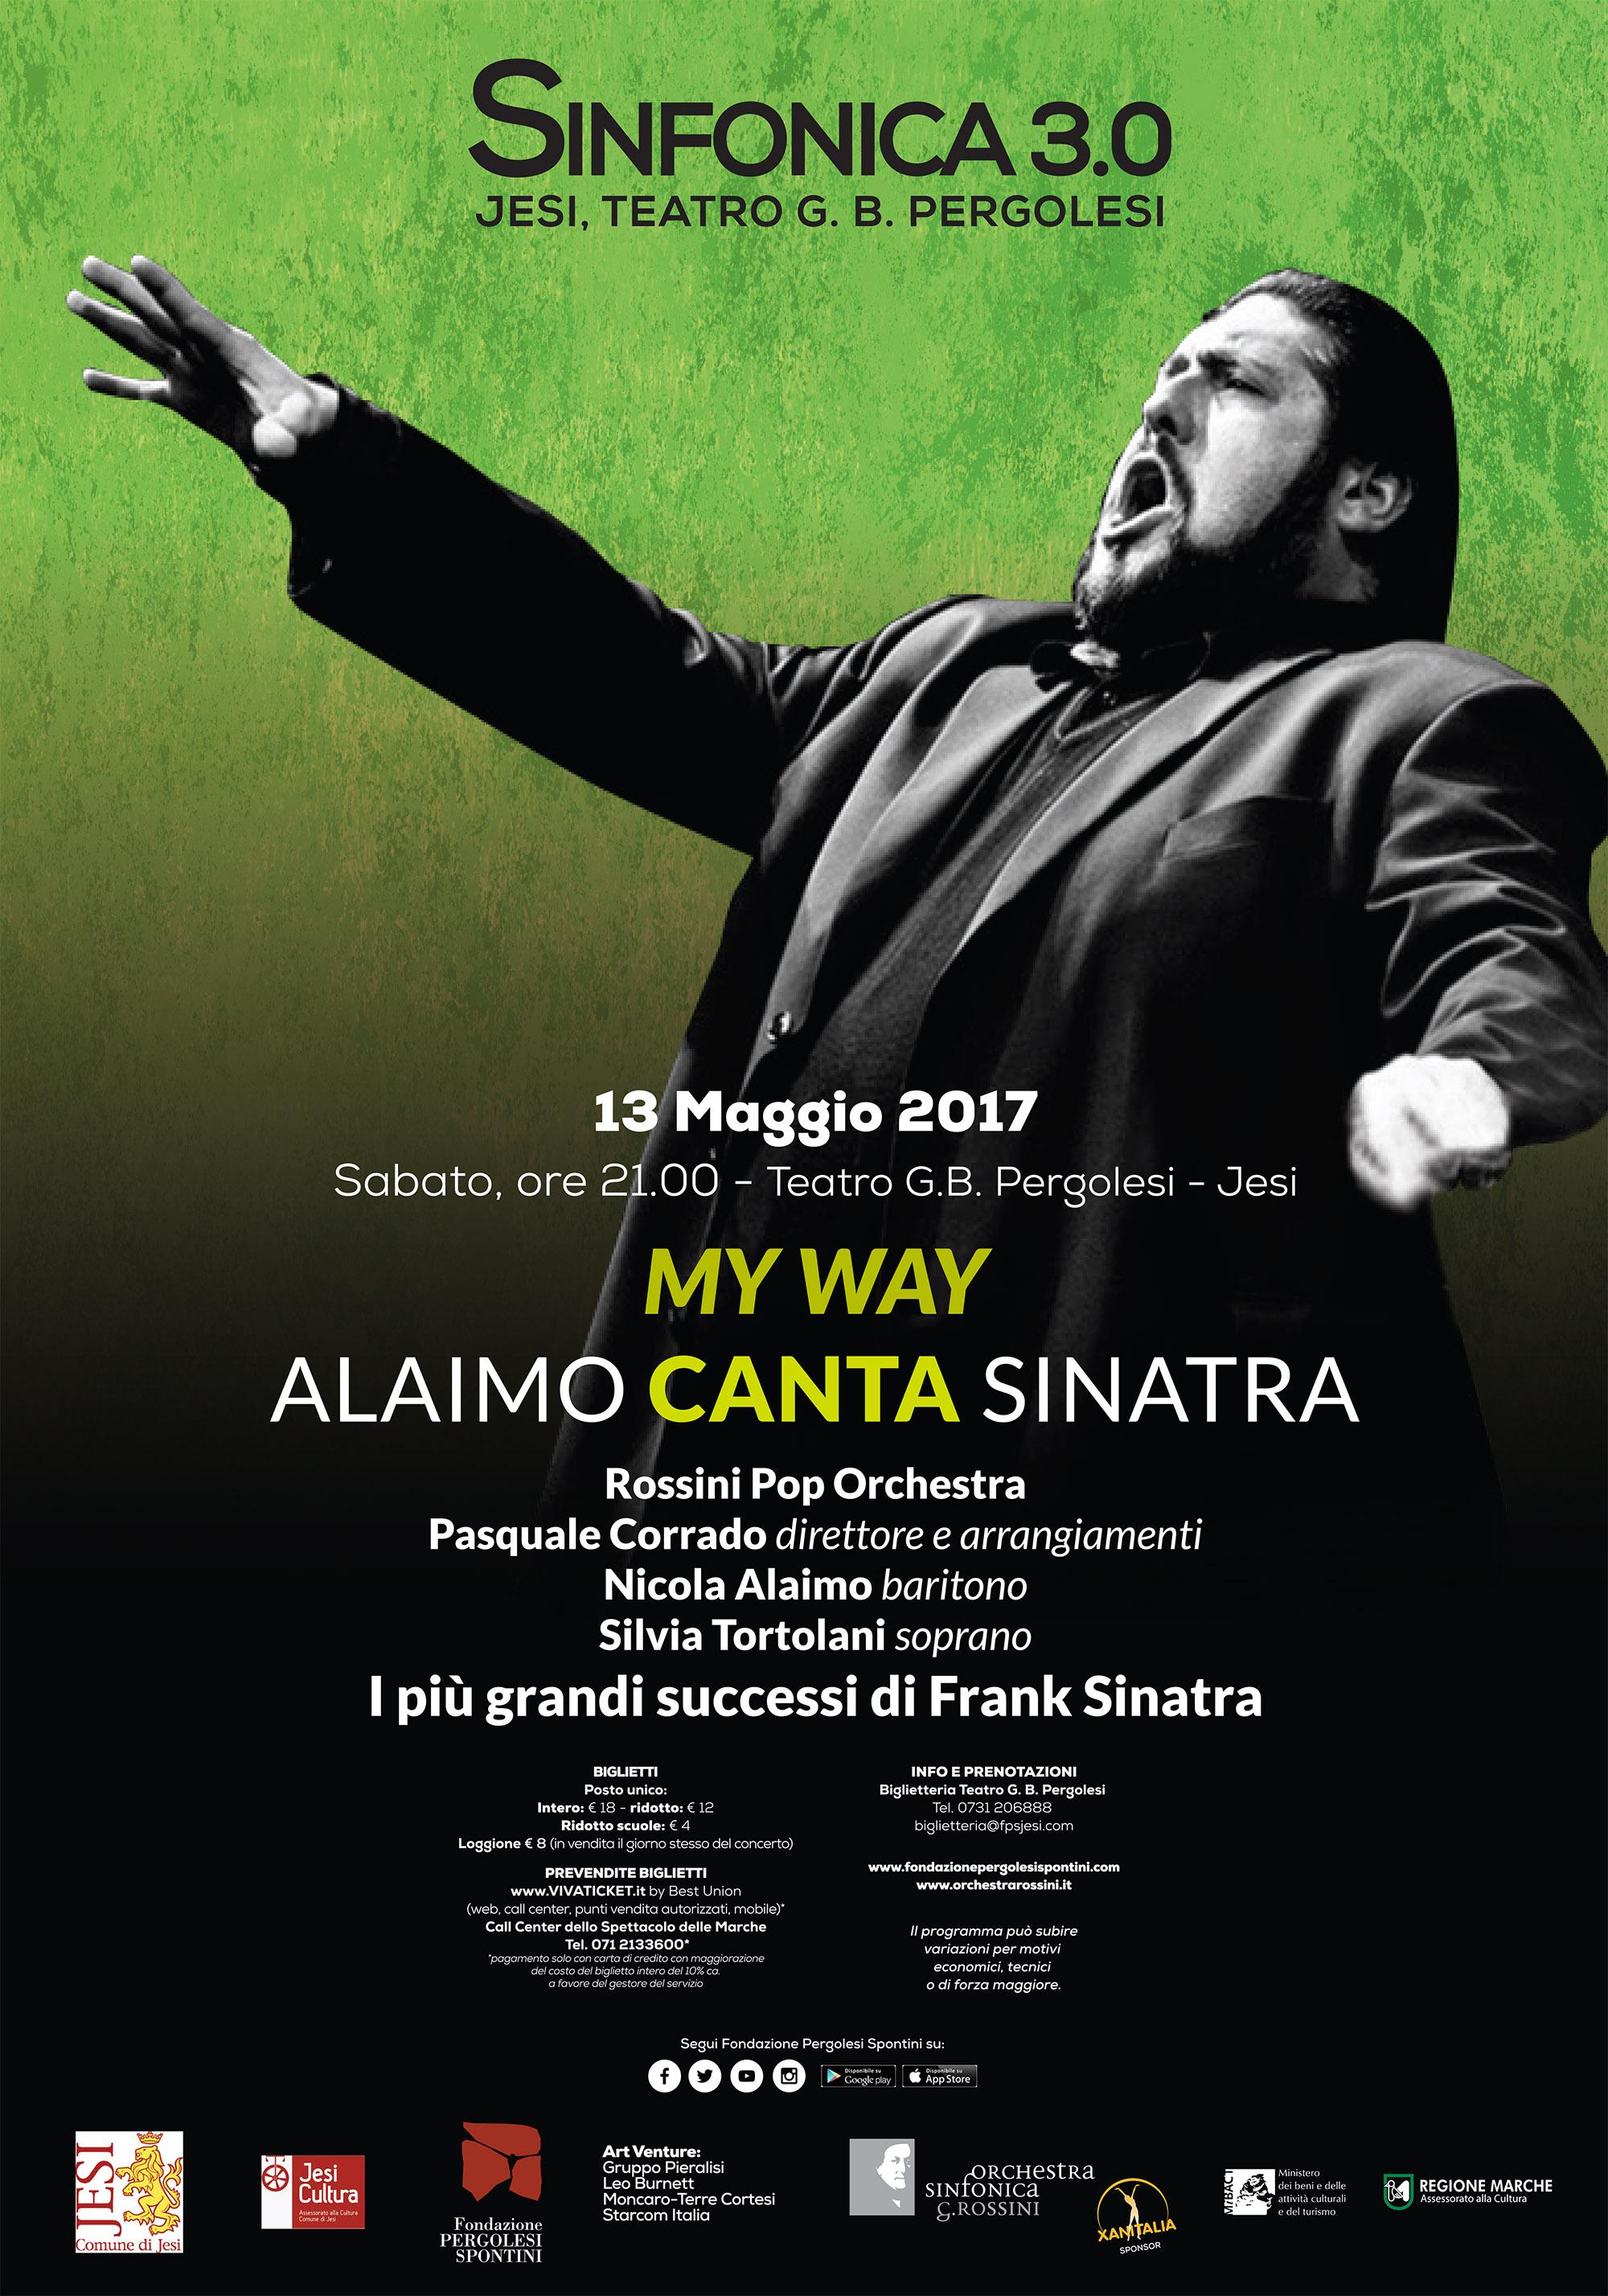 Alaimo_canta_sinatra